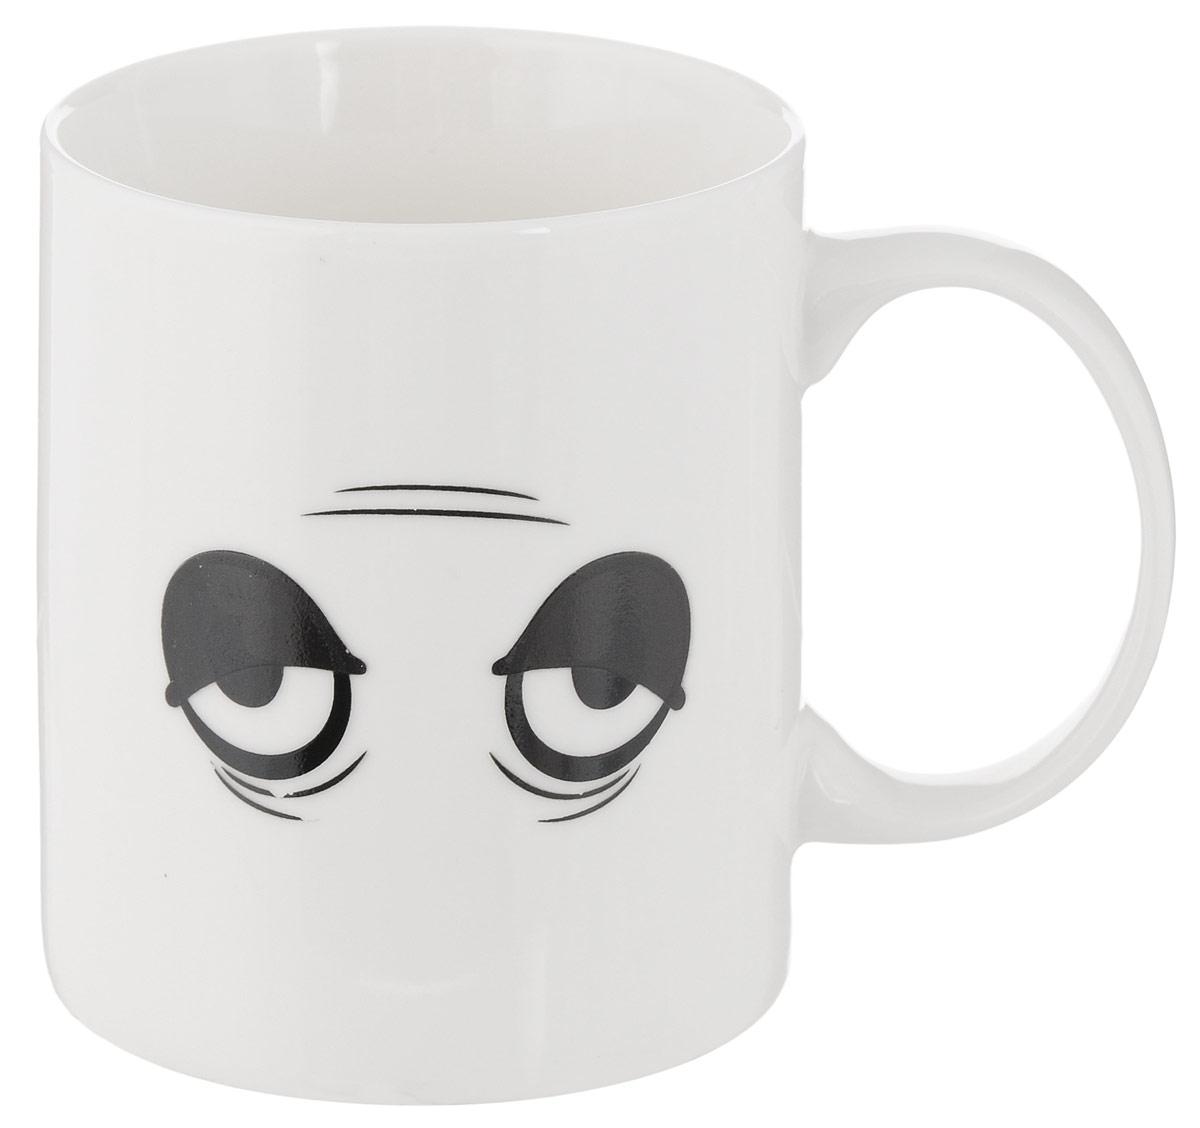 Кружка-хамелеон Bradex Бодрое утро, 350 млSU 0021Вам трудно просыпаться утром? Тело, казалось бы, встает, но вот сознание все равно остается в сладких снах? Вернуть бодрость тела и духа вам поможет горячий крепкий кофе или любимый чай, выпитый из забавной кружки-хамелеона Bradex Бодрое утро! Стоит только наполнить кружку горячим напитком, и забавная невыспавшаяся физиономия с мешками под глазами тут же превратится в глазки, полные энергии и энтузиазма. Прочная керамика прослужит вам не один год, а качественное напыление не сотрется даже от ежедневного мытья. Что уж говорить об улыбке, которую будет день за днем вызывать взбодрившаяся мордочка на кружке!Ранний подъем проходит легче с кружкой-хамелеоном Bradex Бодрое утро! Диаметр по верхнему краю: 8 см.